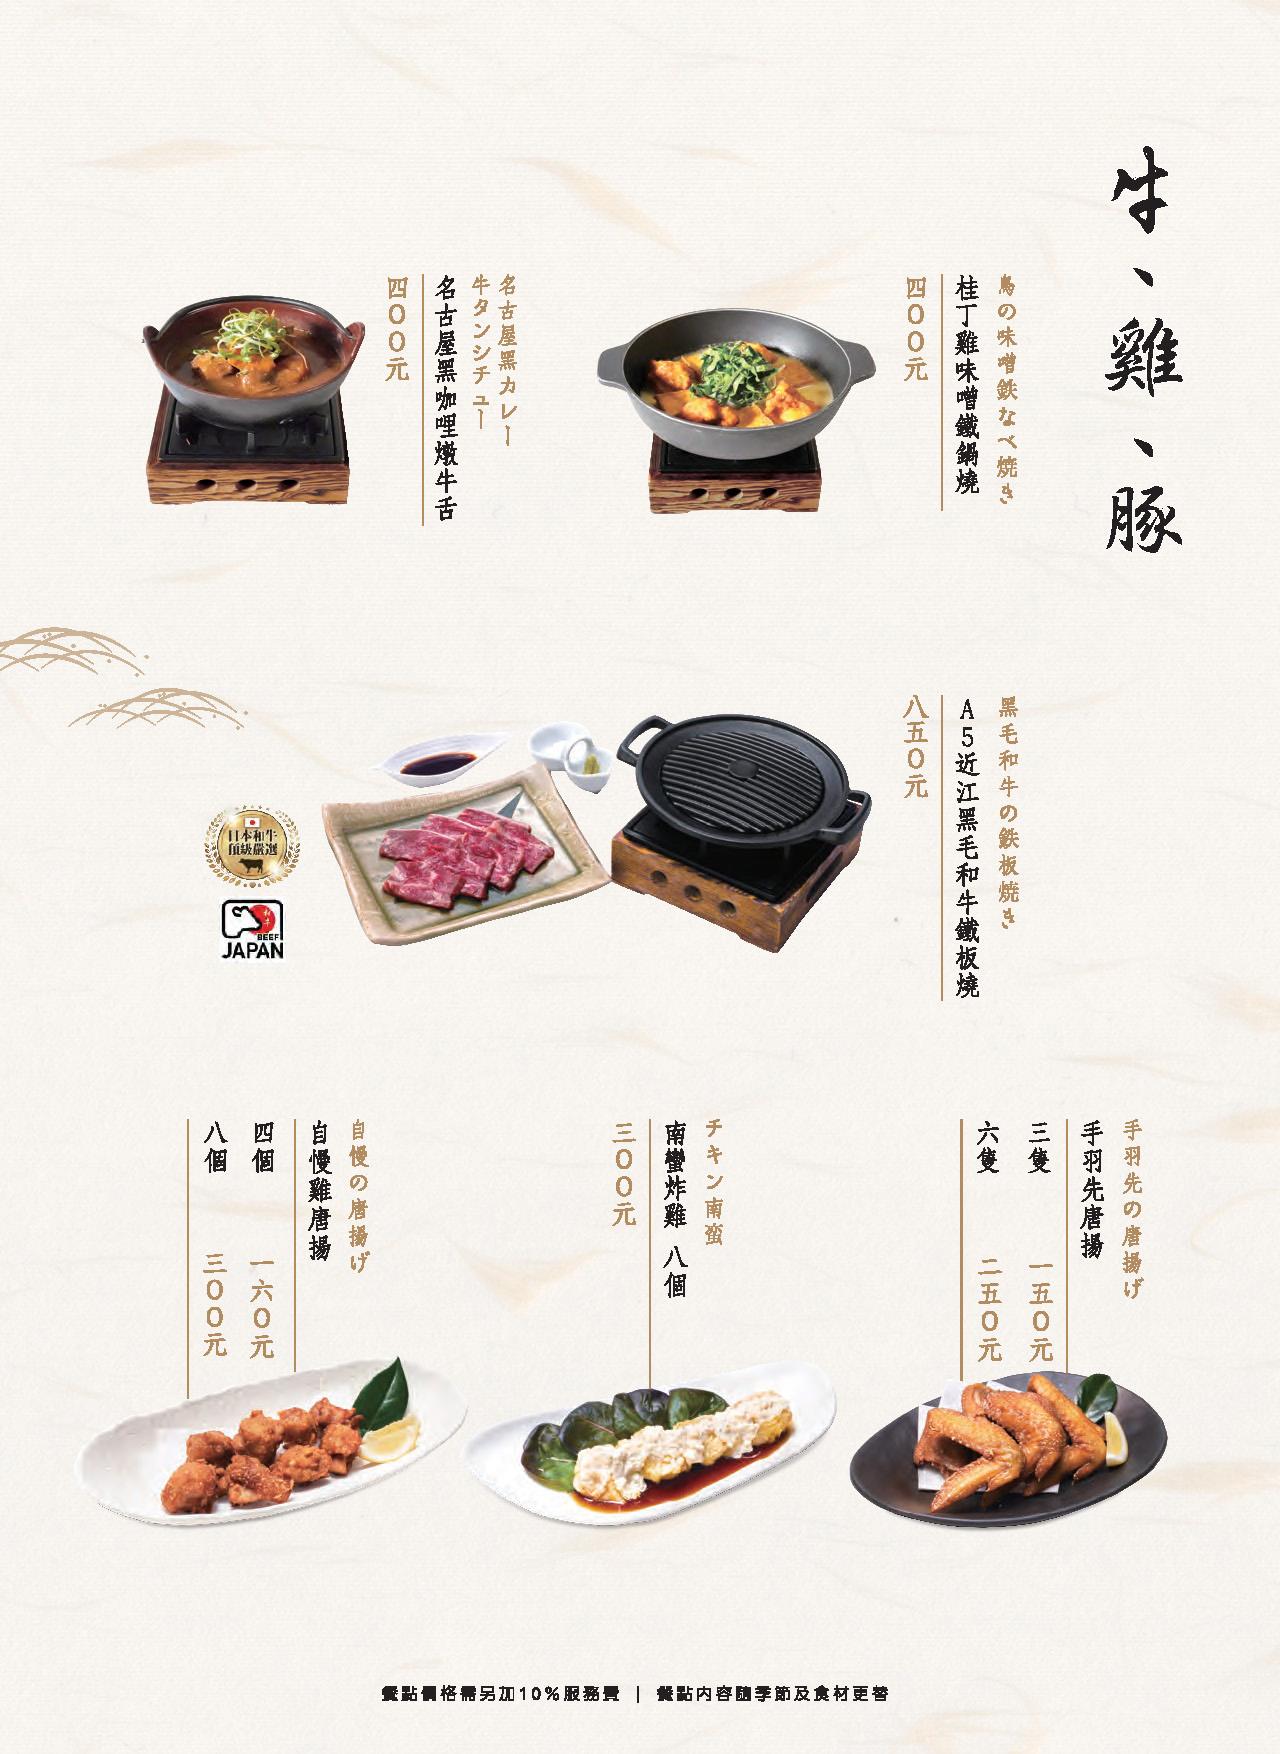 莞固和食 GANKO 台北大直店菜單 - 牛雞豚